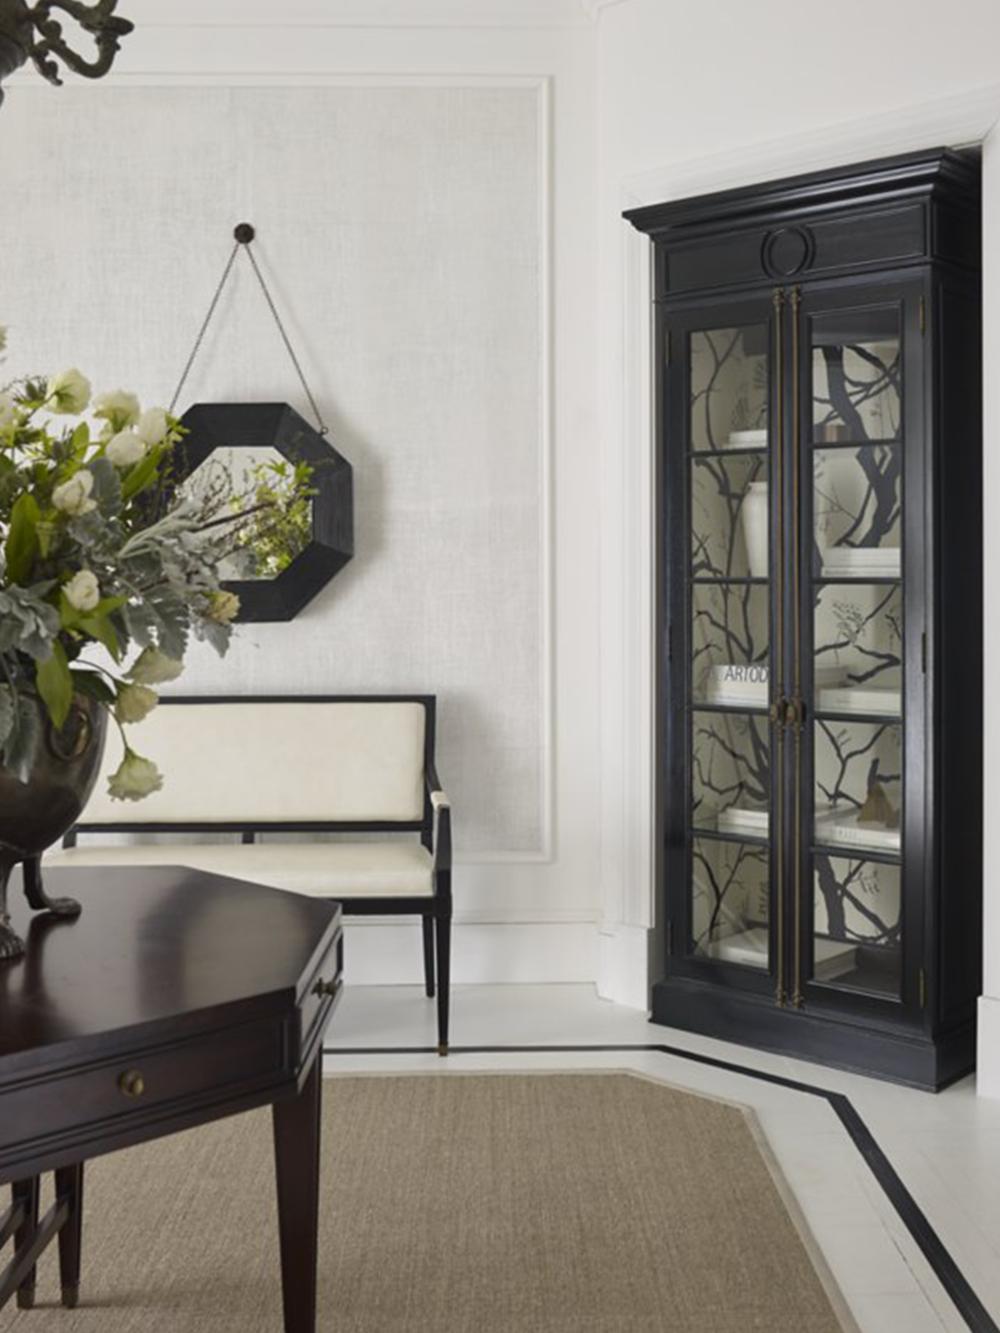 Darryl Carter Collection For Baker Furniture